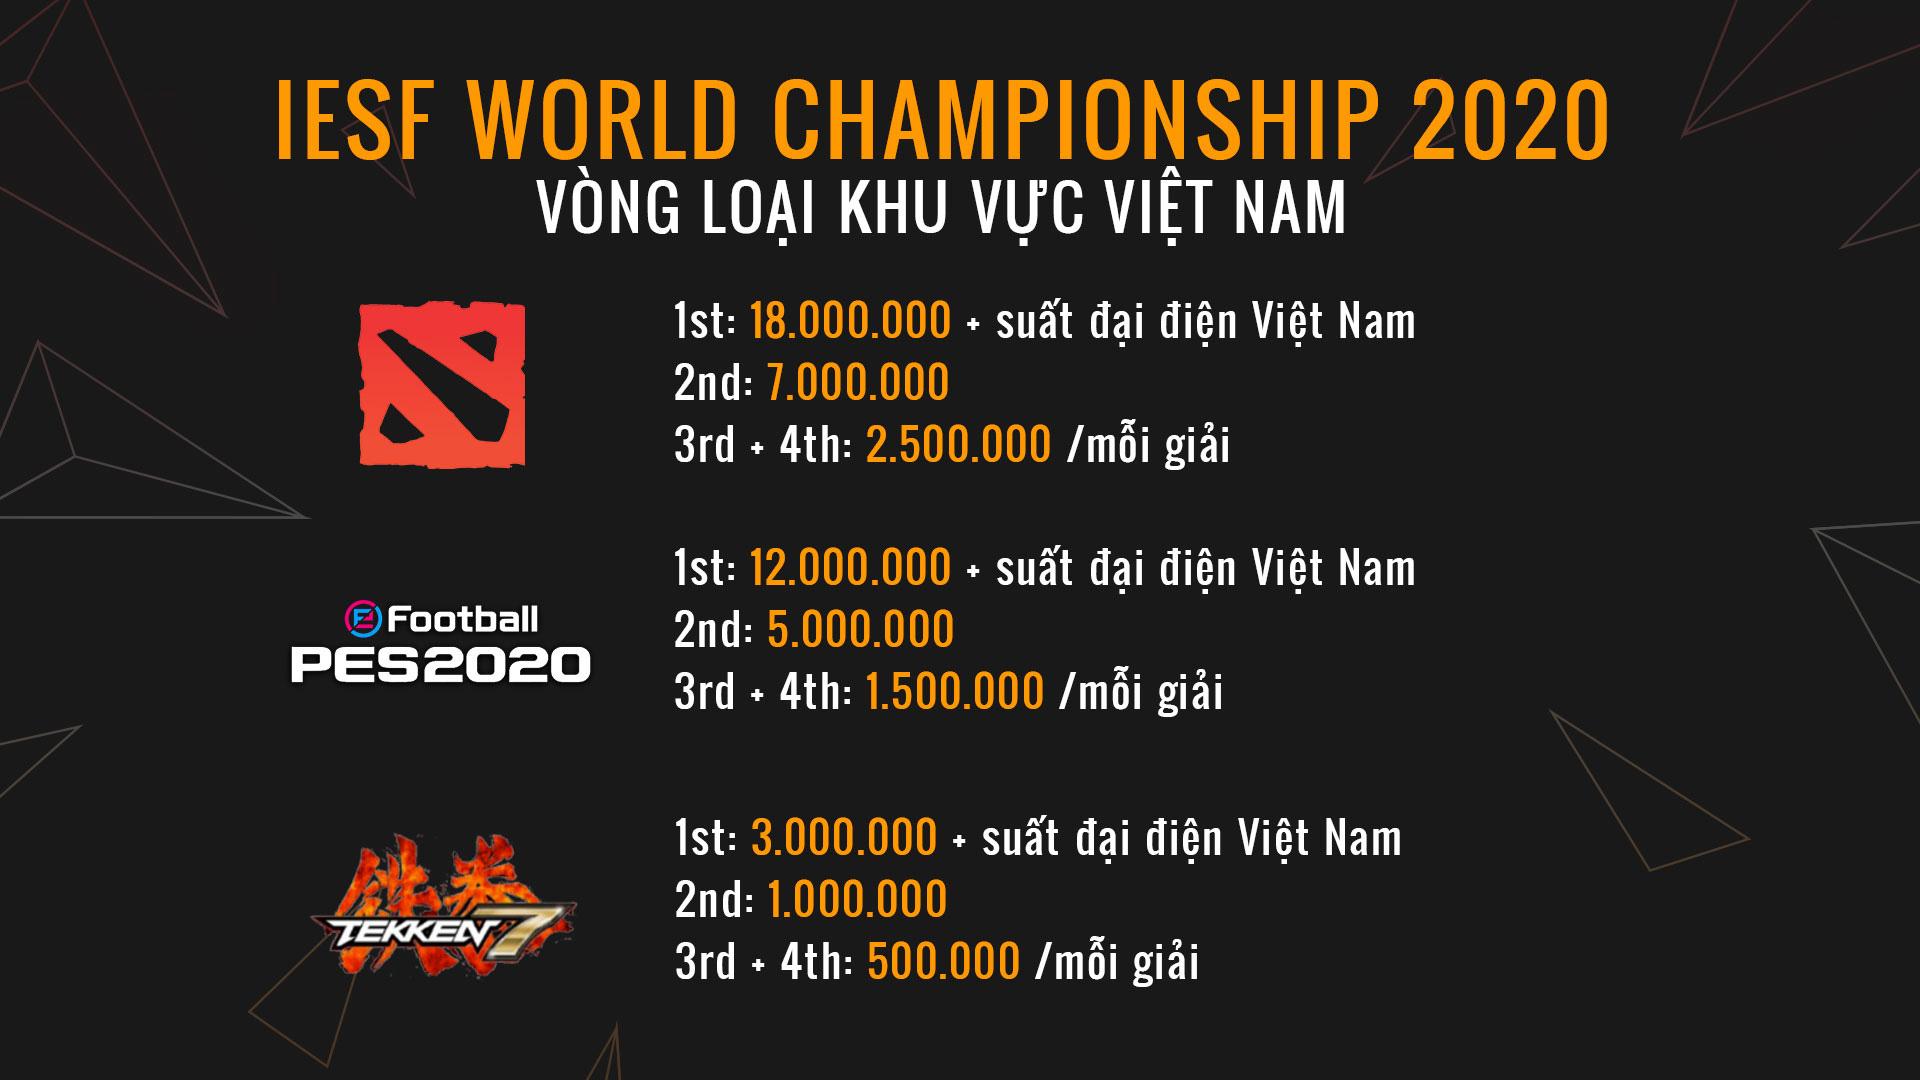 Lộ diện những gương mặt xuất sắc nhất Việt Nam dự giải vô địch thế giới Esports vào tháng 10 này - Ảnh 3.